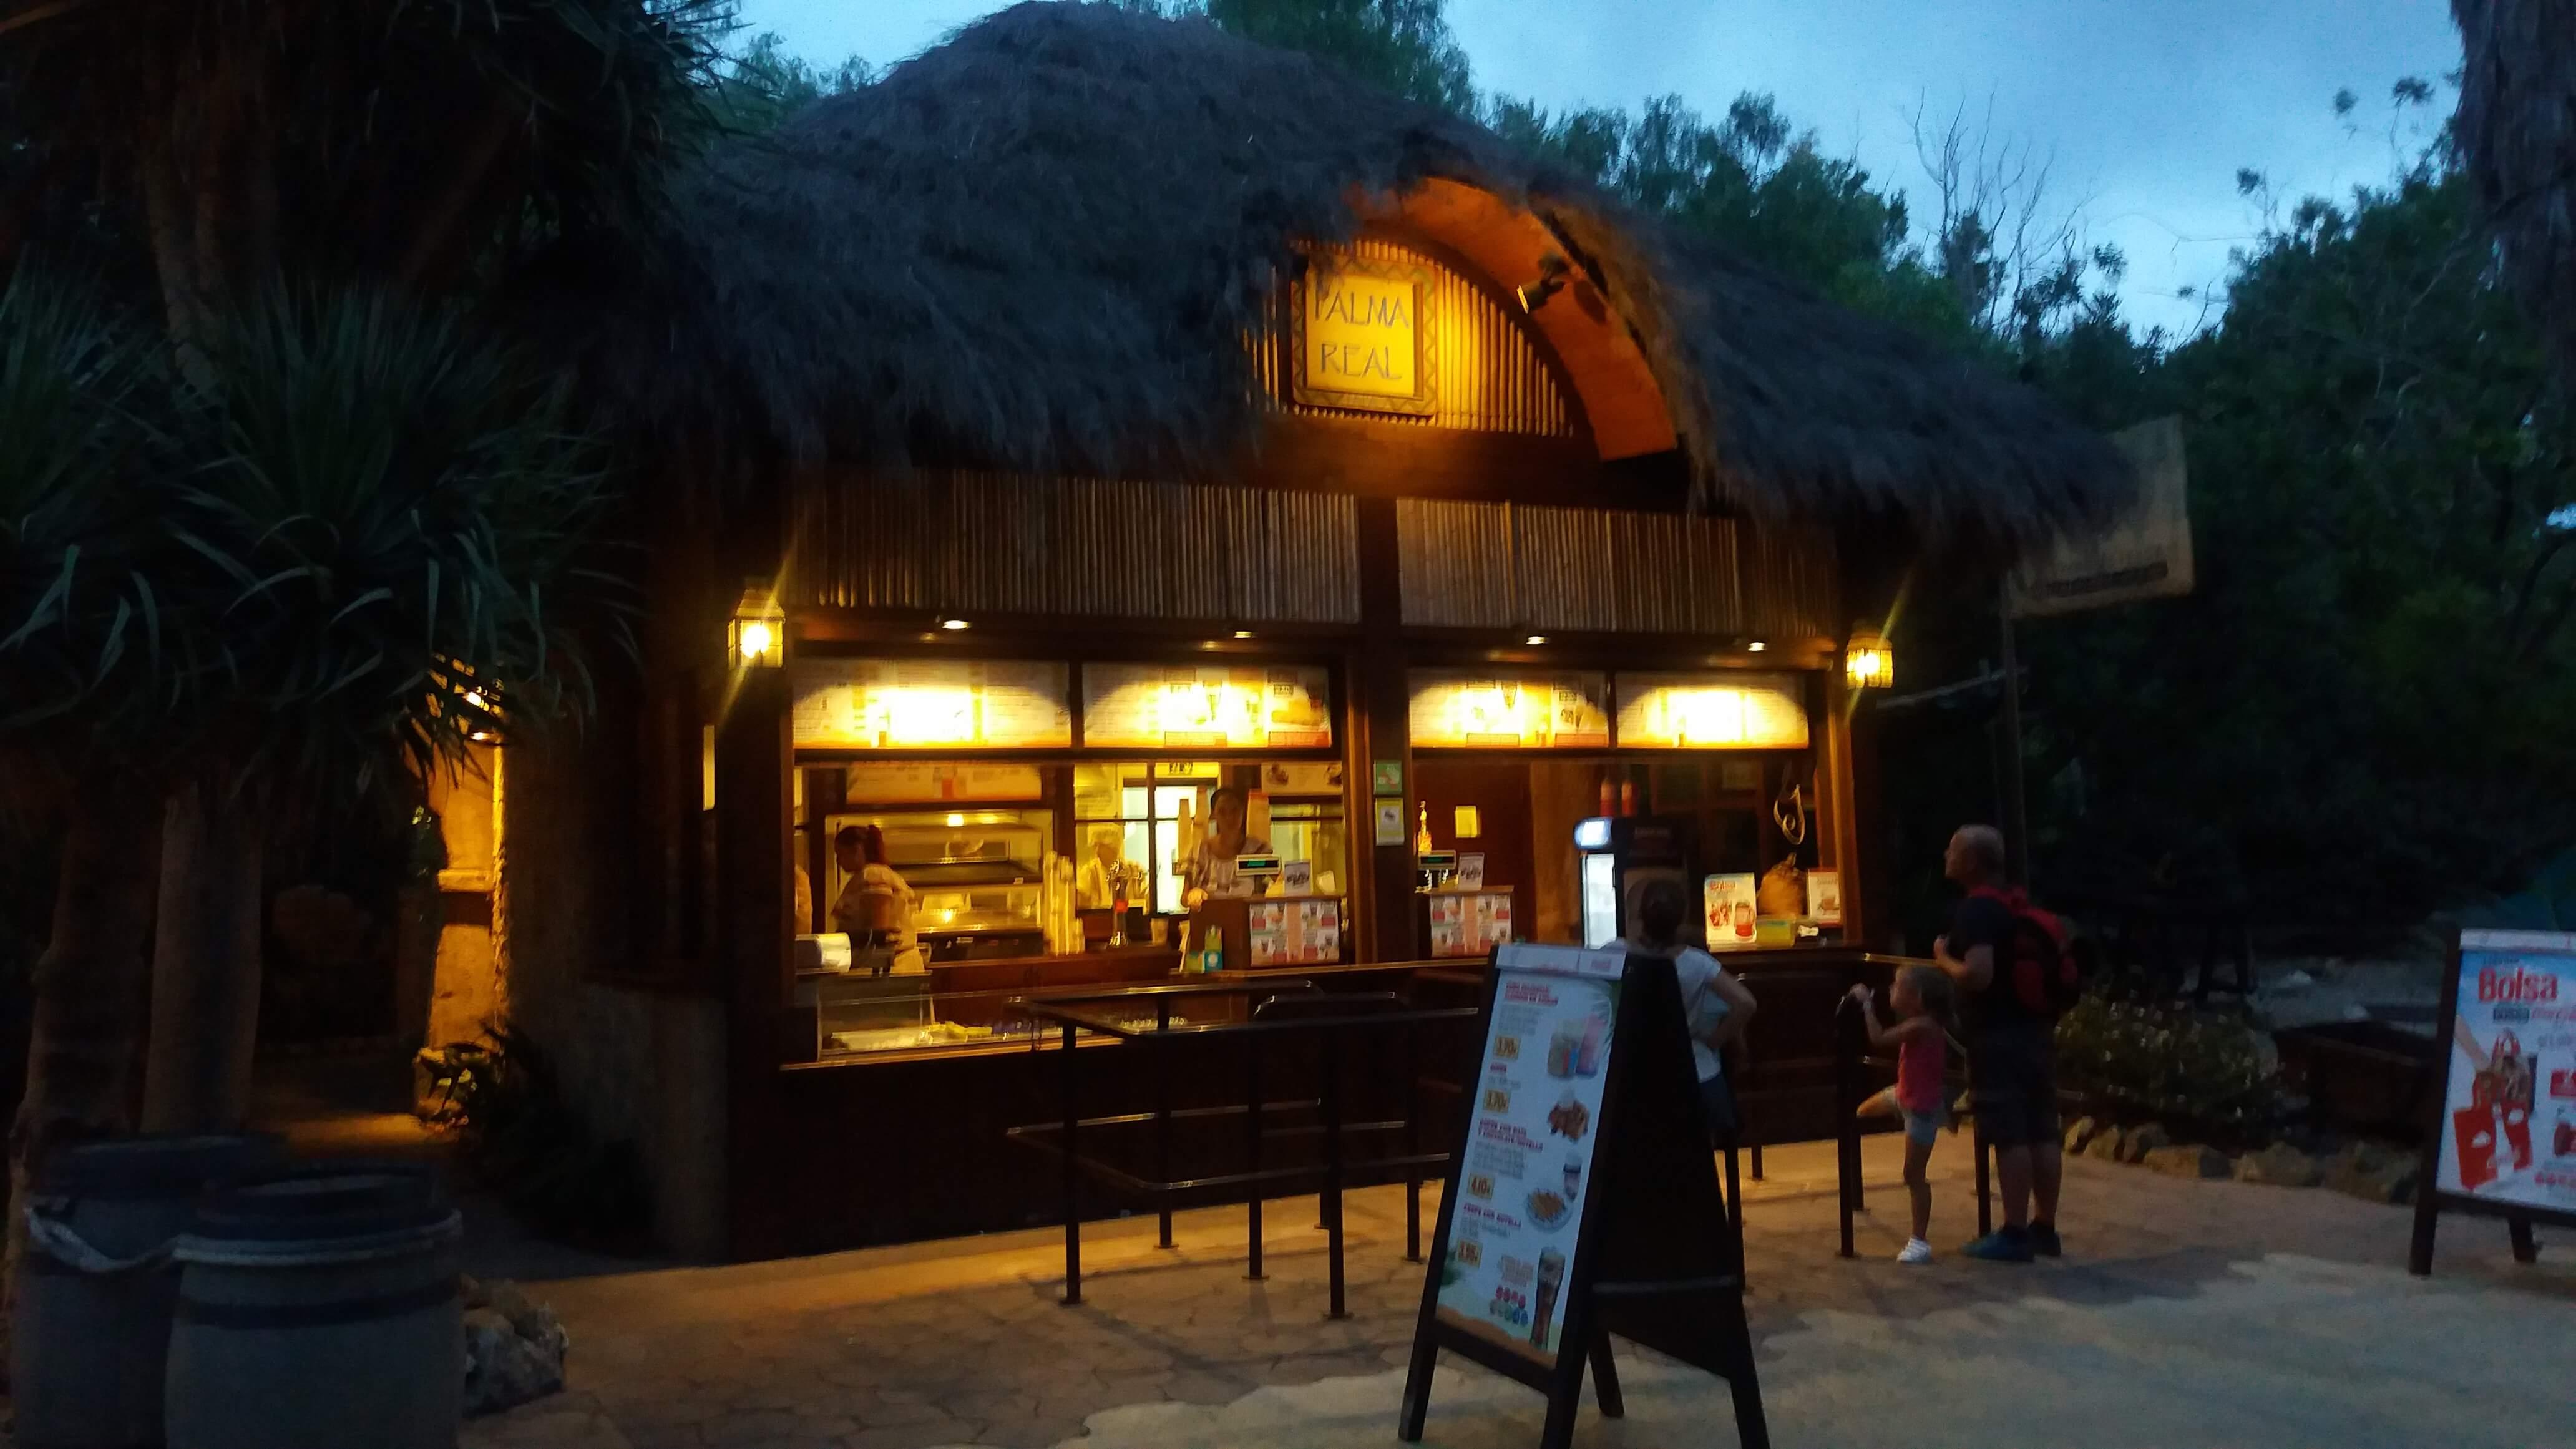 Portaventura como passamos um dia por l destino for Porte 12 restaurant